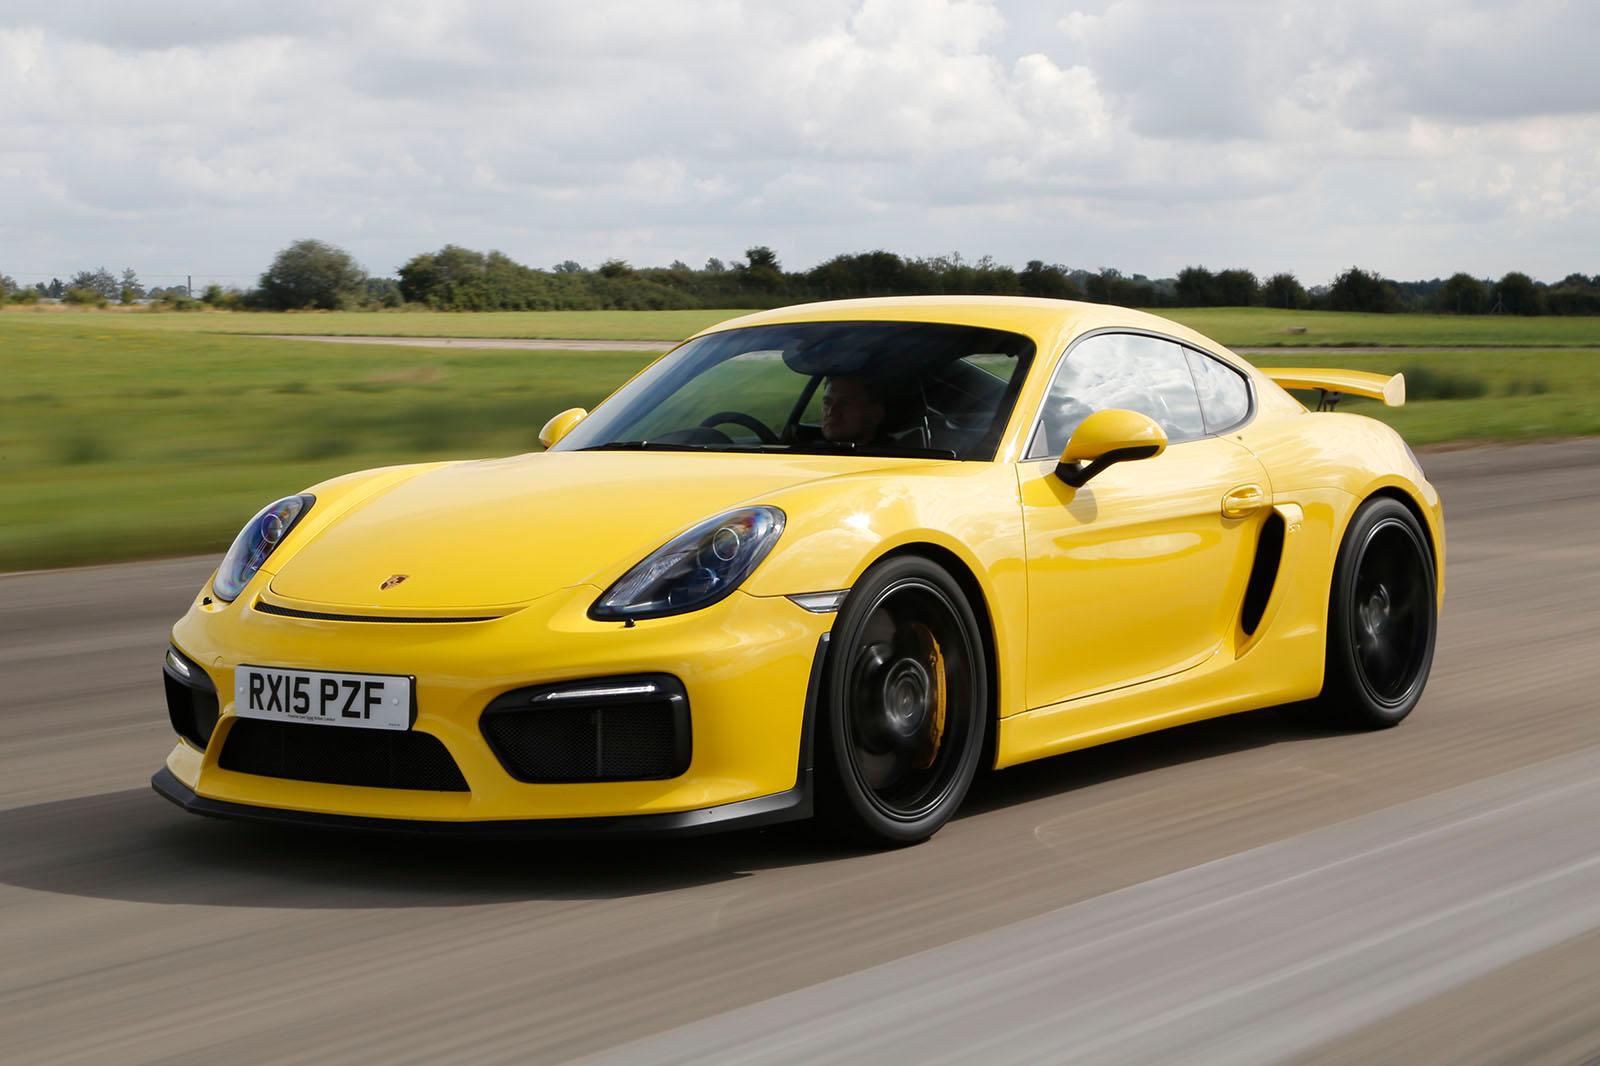 Запчасти для Porsche будут выпускать в Украине 1